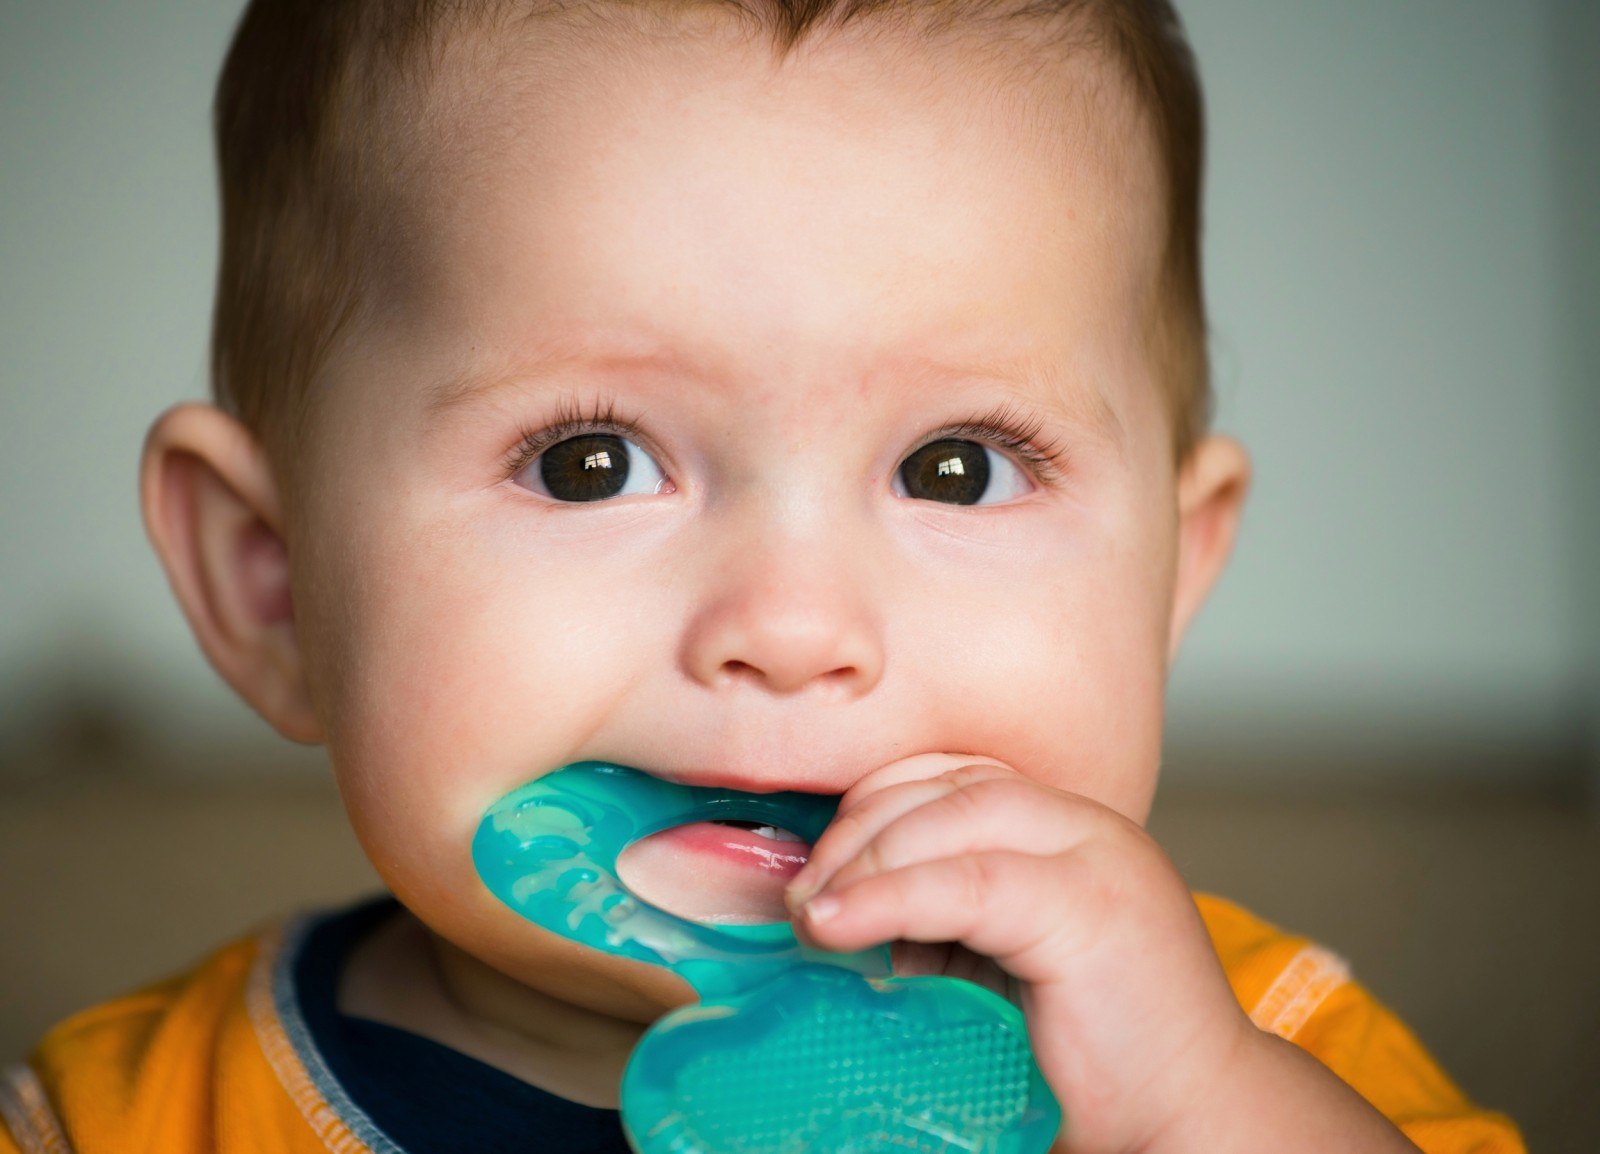 Angebissen gute testergebnisse bei babyspielzeug Öko